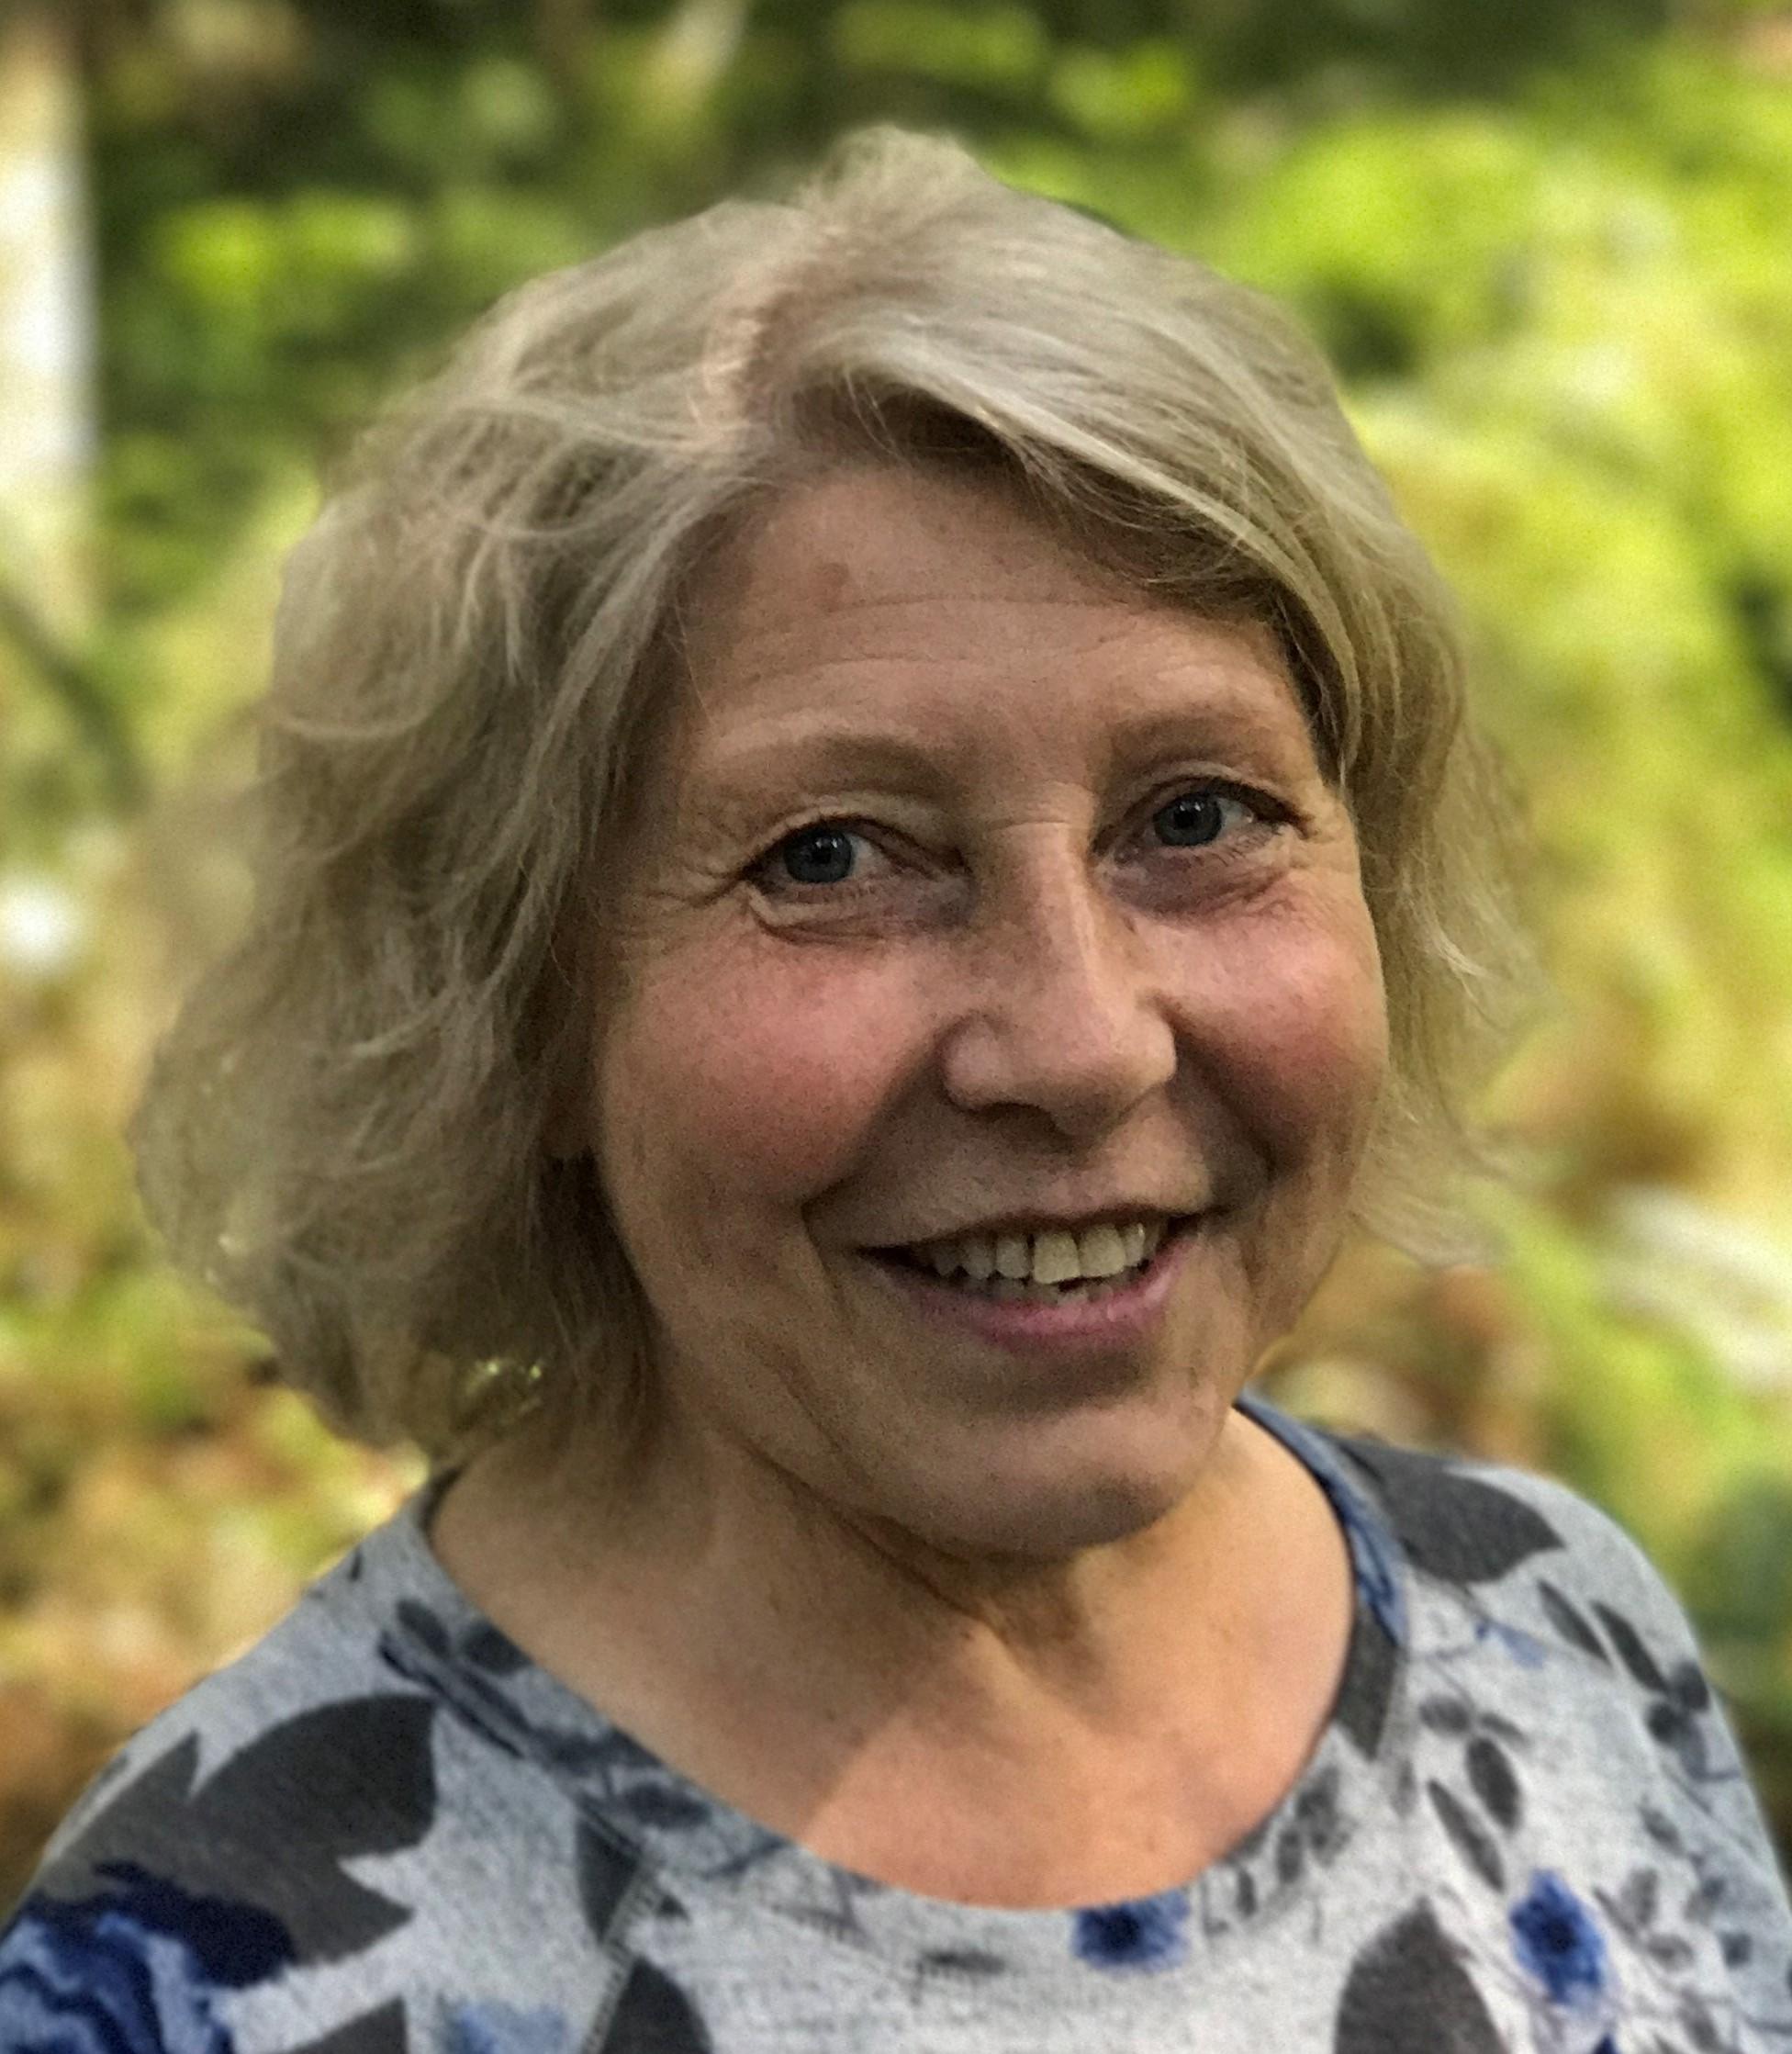 Kari Skåtun